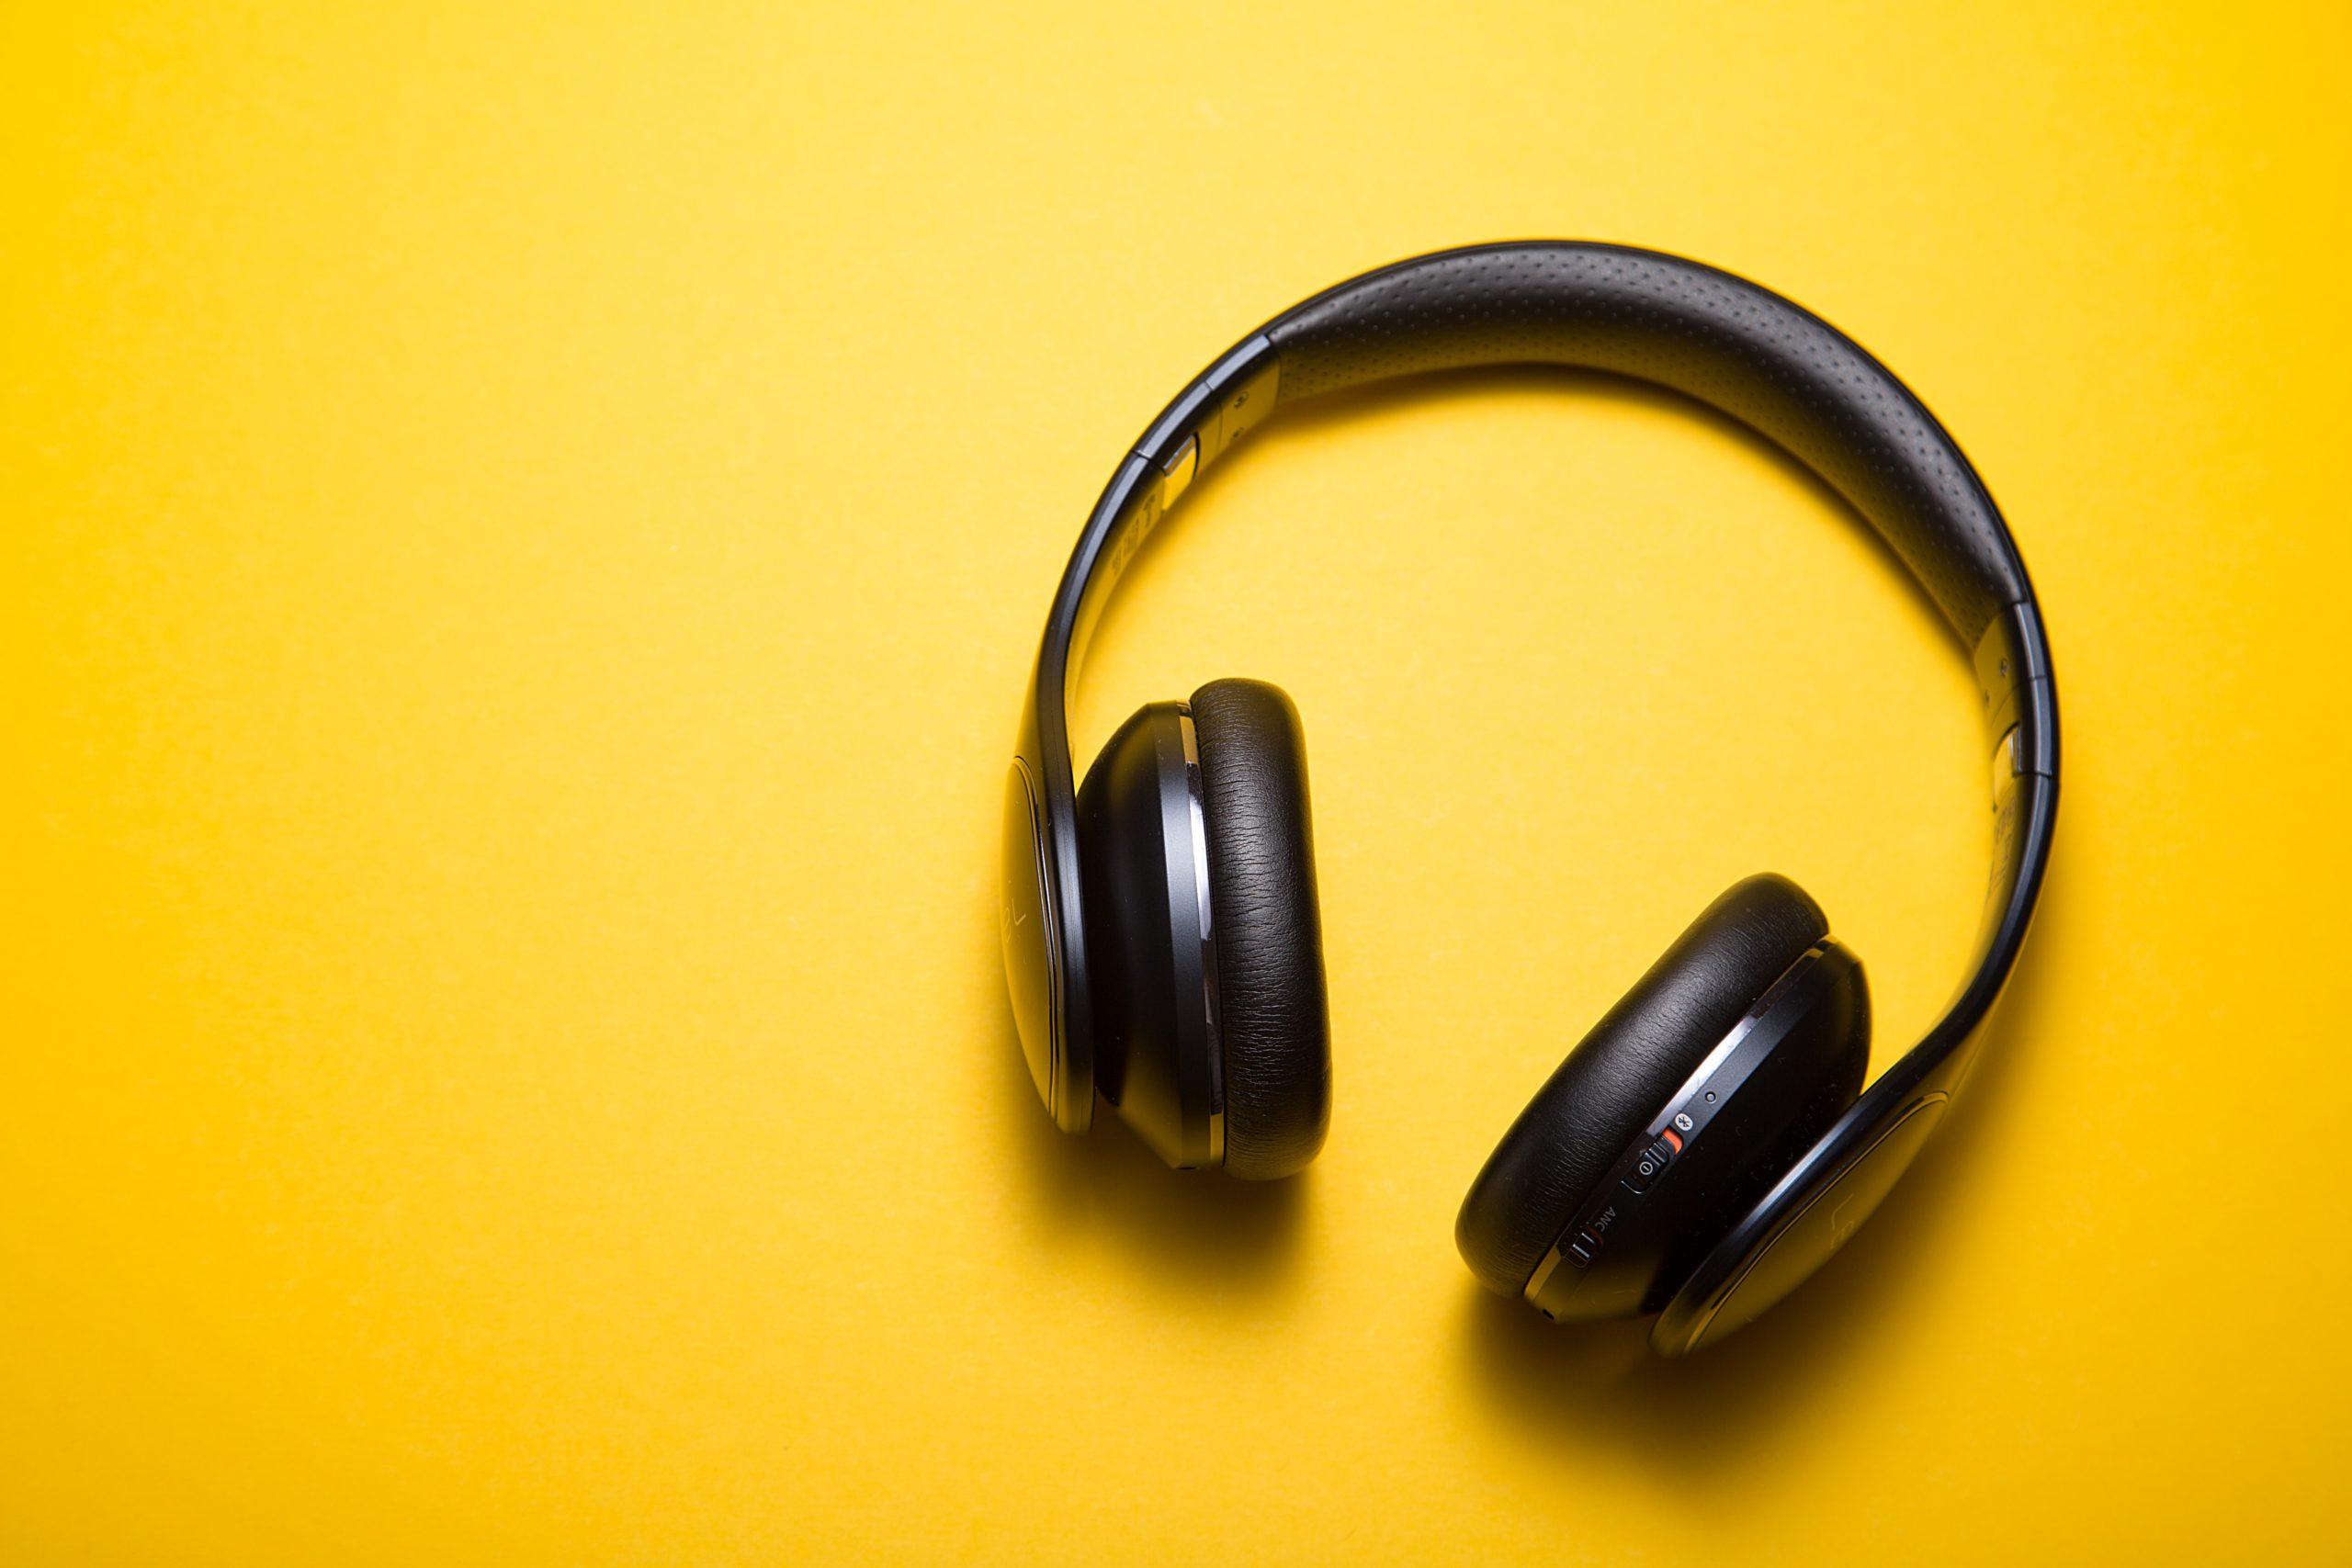 トレーニング中の音楽は効果がある